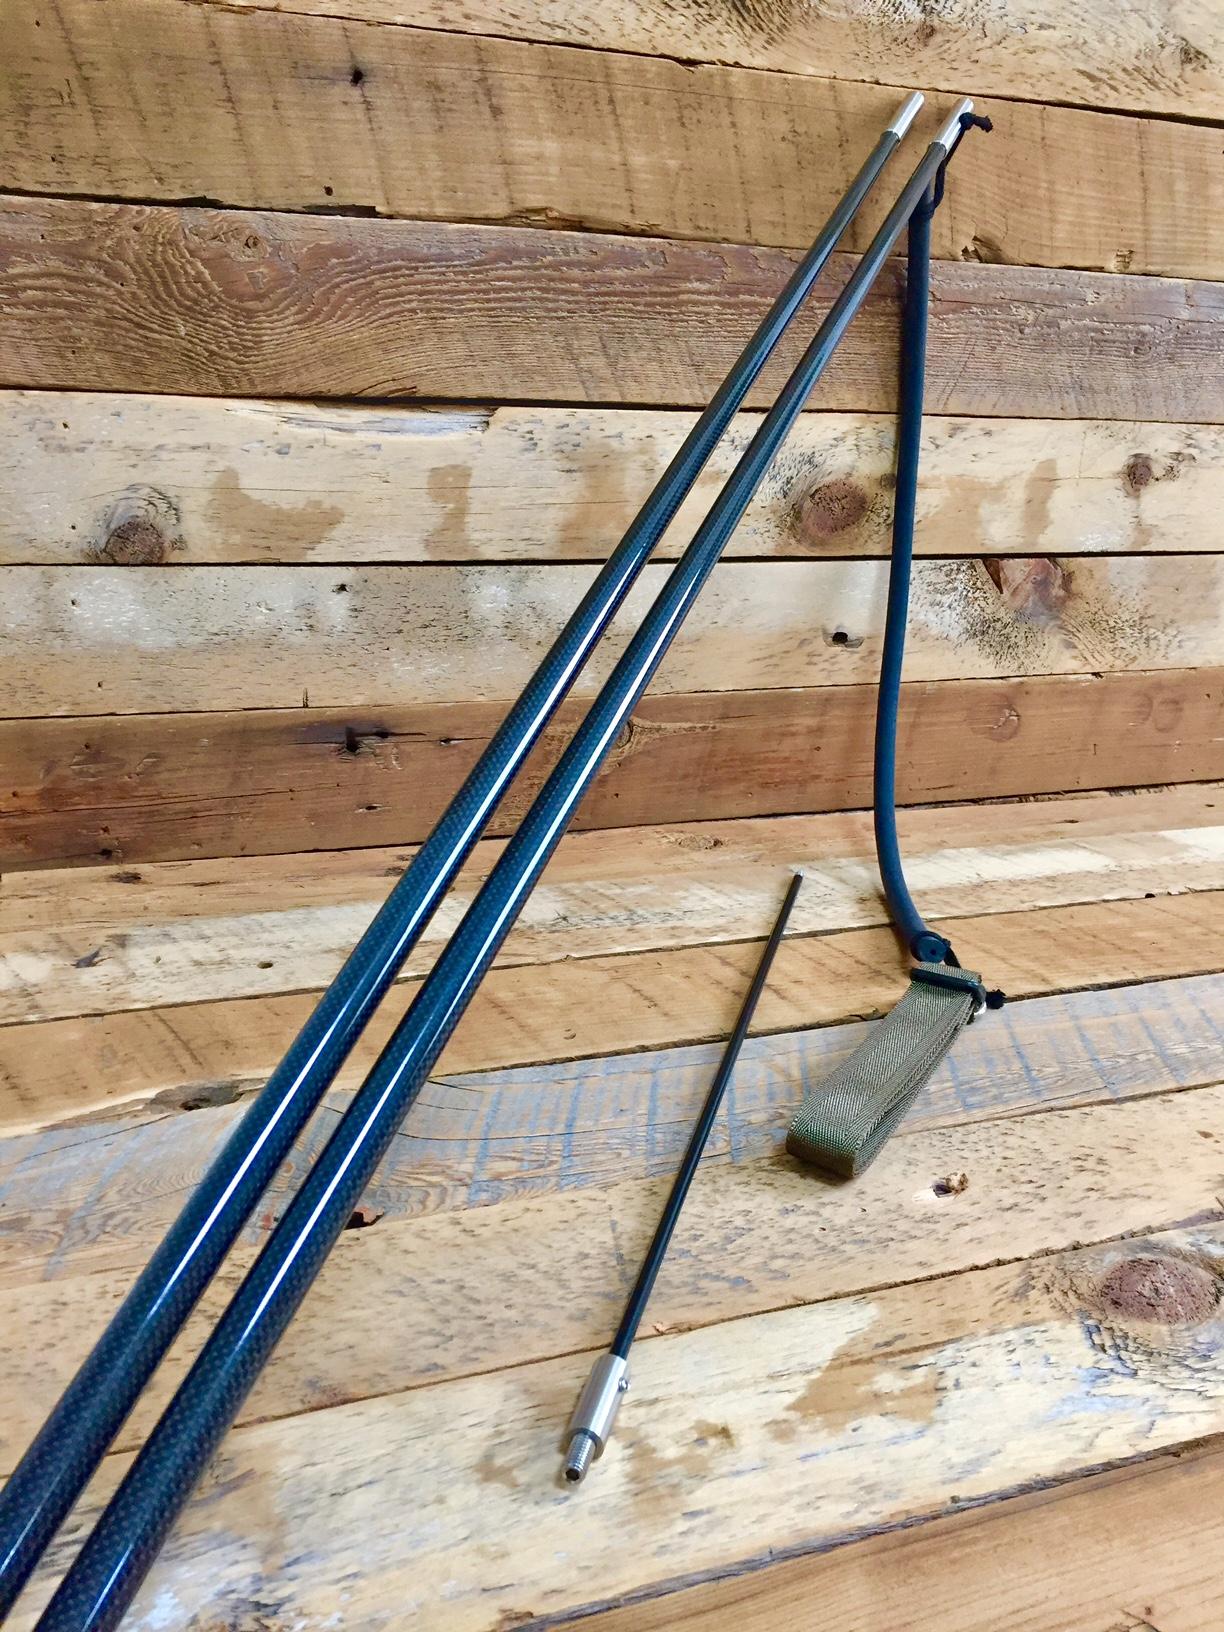 沖縄の漁師さんの要望で製作した「イーグン」極太18mmシャフト、M8先端金具、7mm焼き入りピアノ線一本銛先